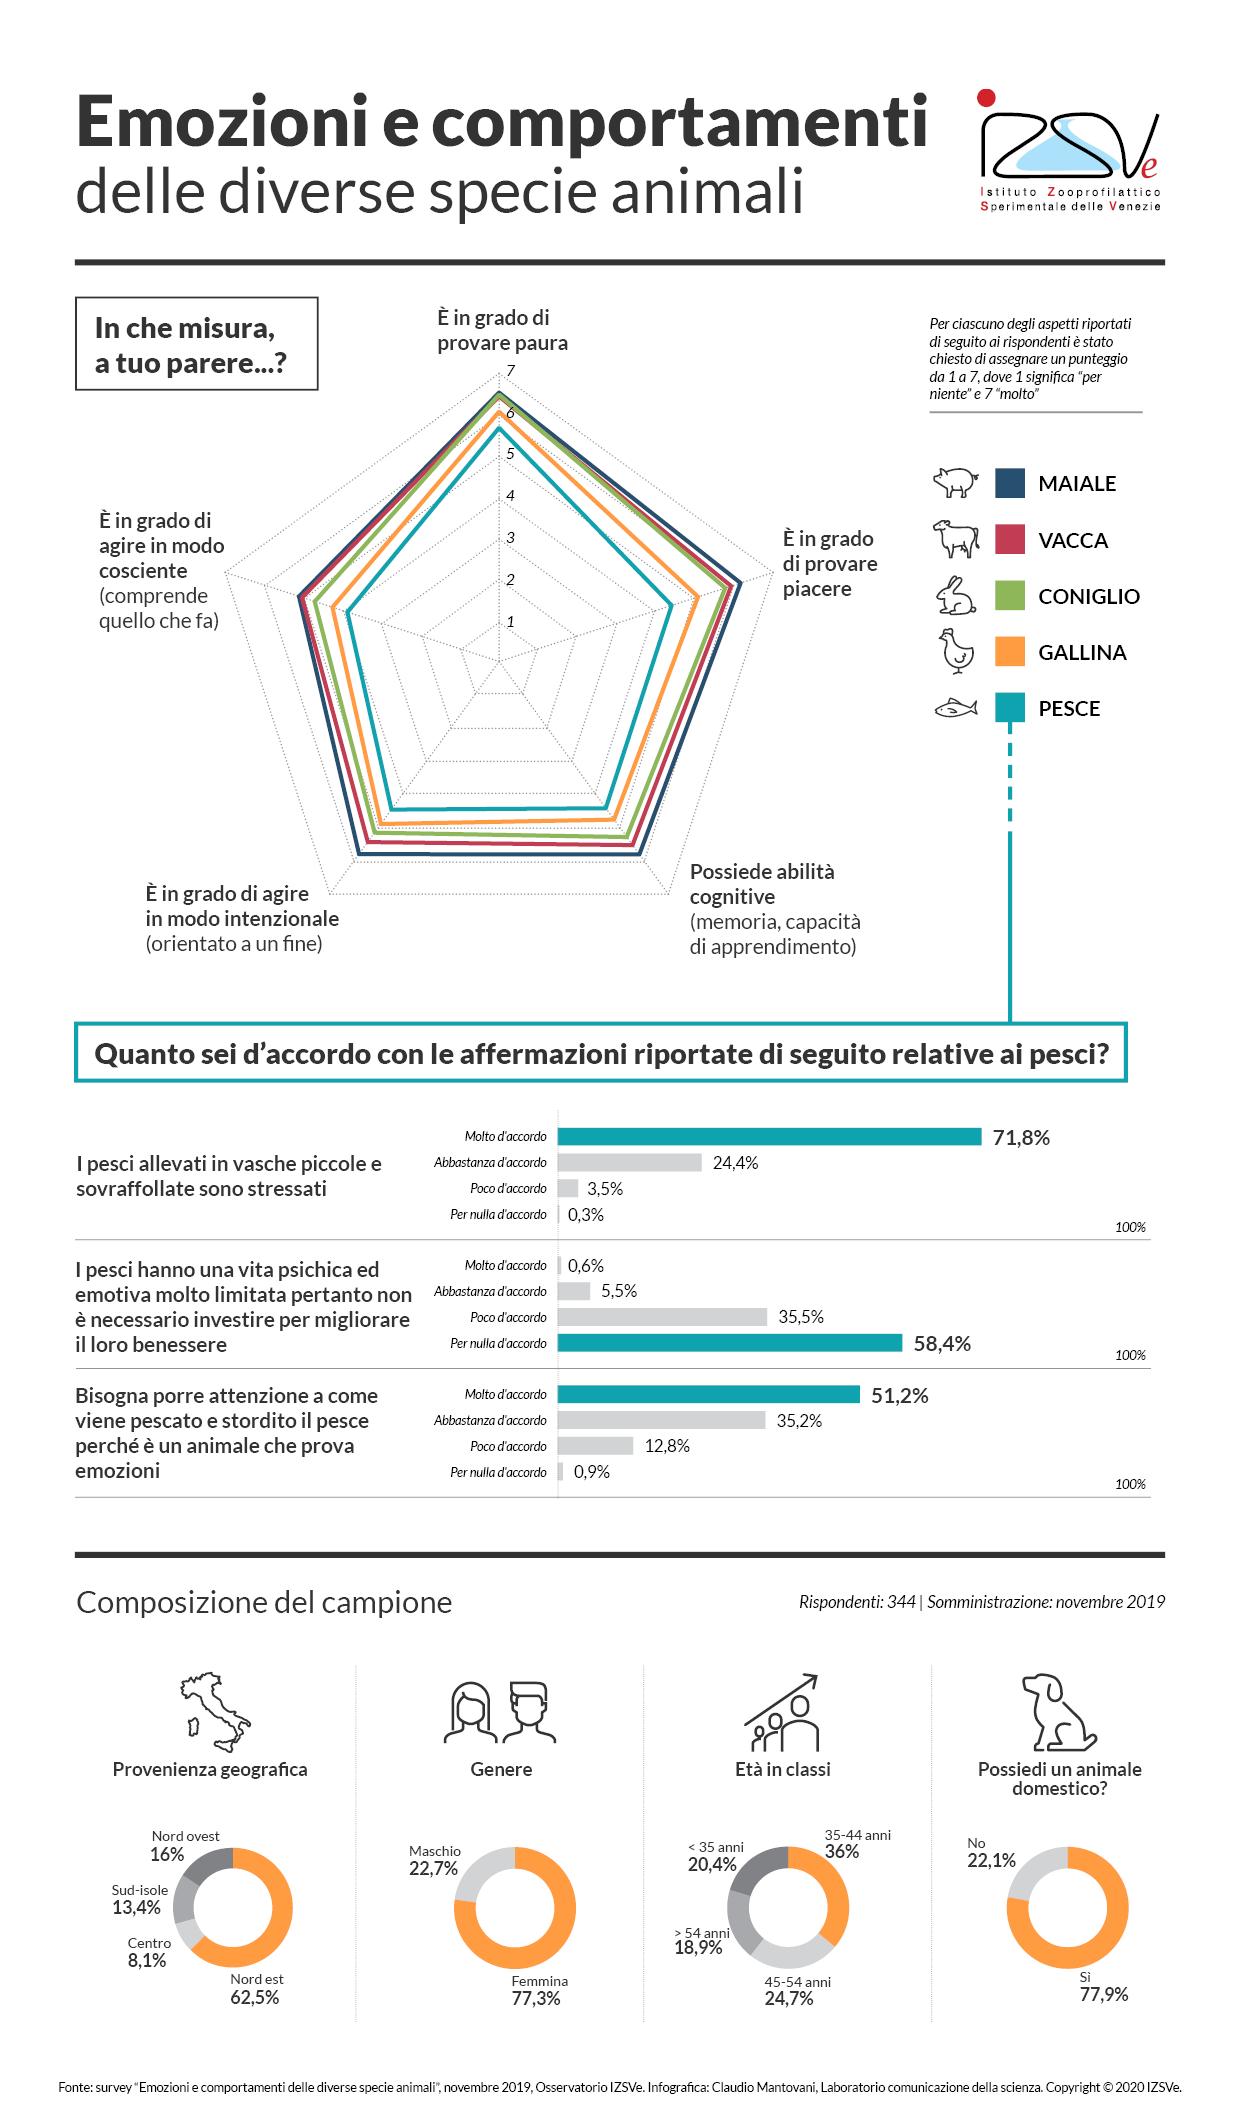 Sondaggio percezione emozioni animali | Infografica